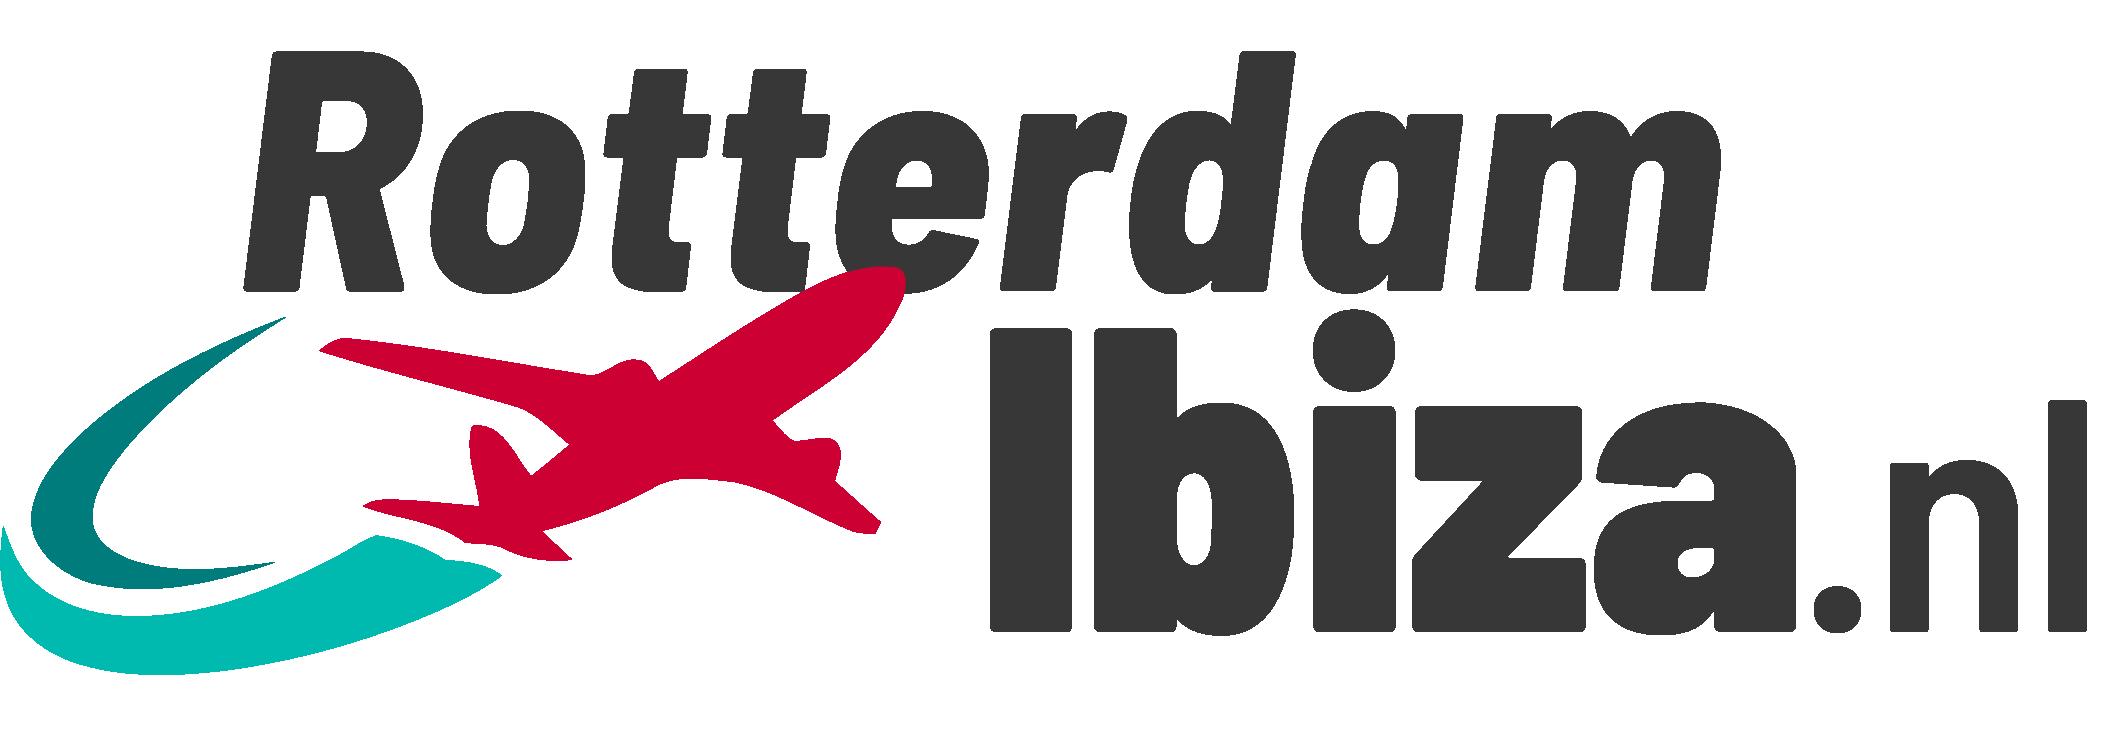 rotterdamibiza.nl